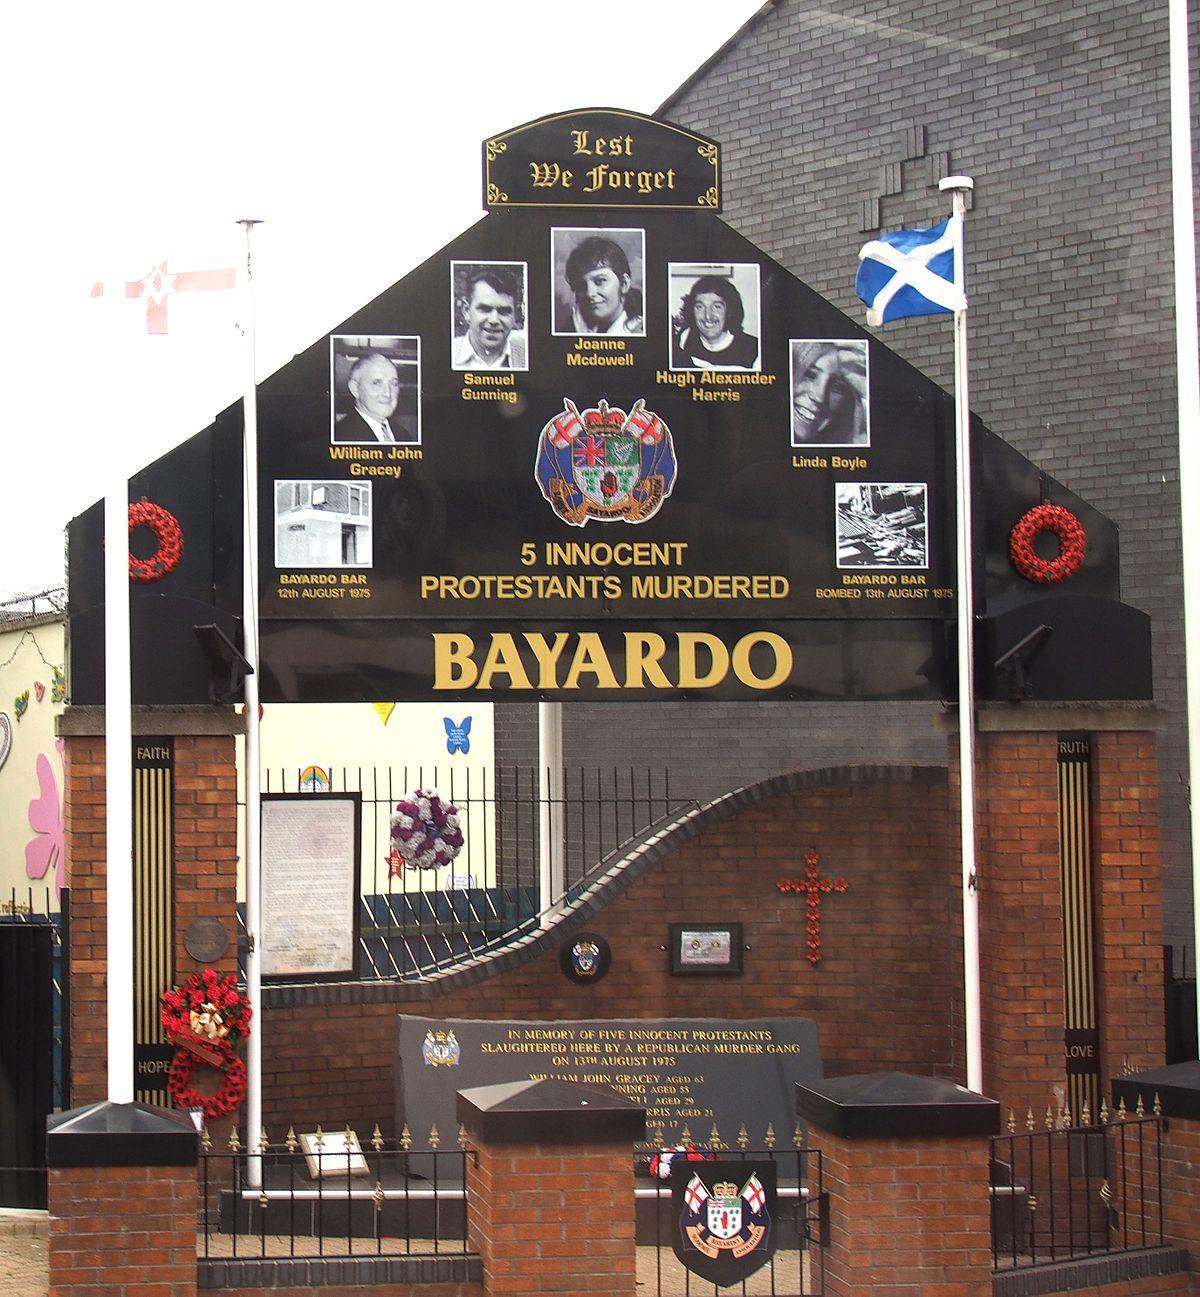 Bayardo Bar attack  Wikipedia